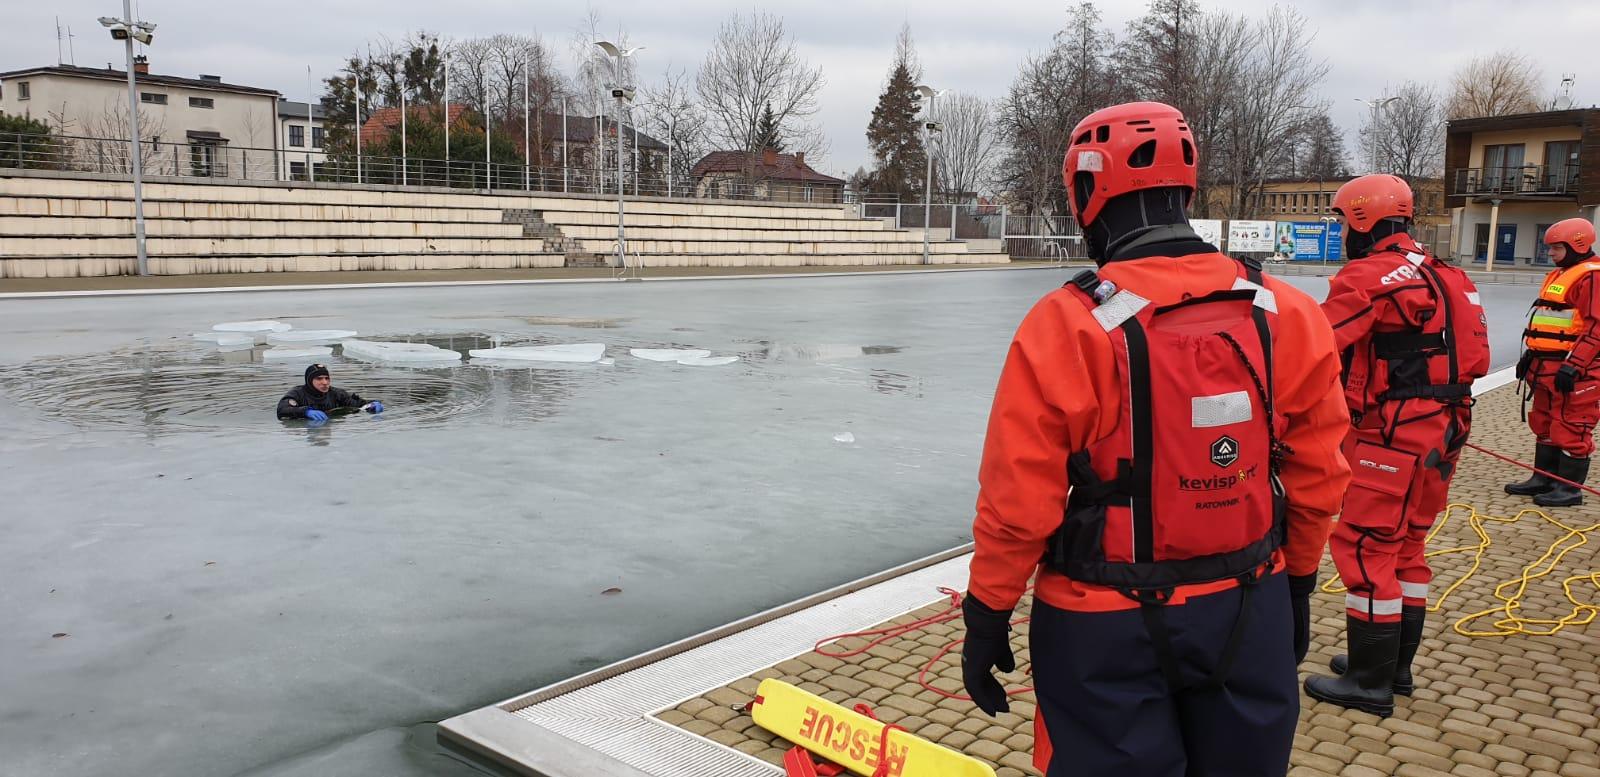 Ratownictwo lodowe na basenie w Andrychowie [FOTO]